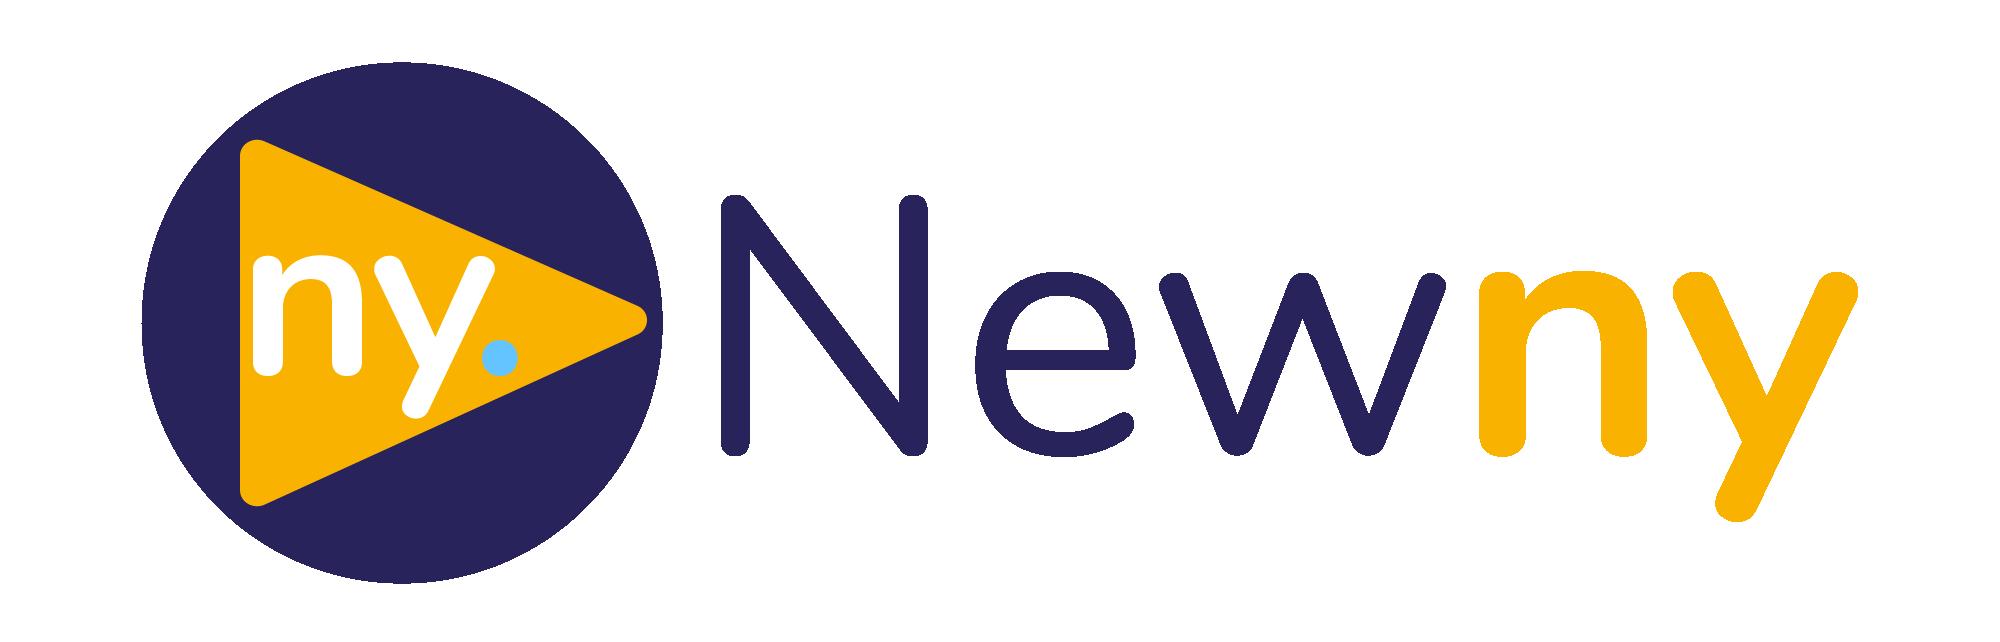 Main logo 2